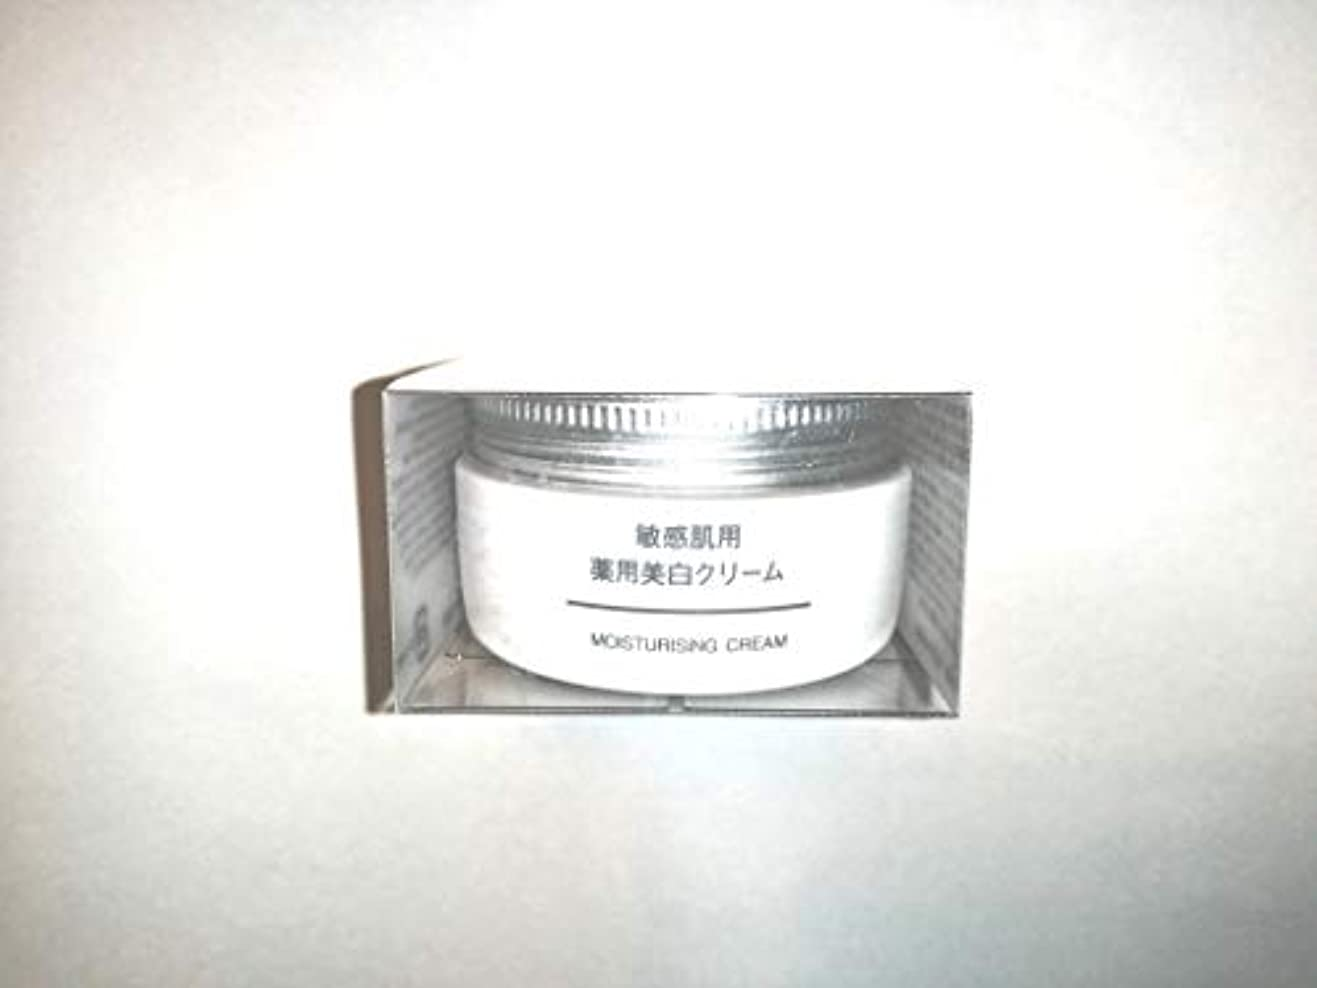 沿って実験腐敗した無印良品 敏感肌用薬用美白クリーム (新)45g